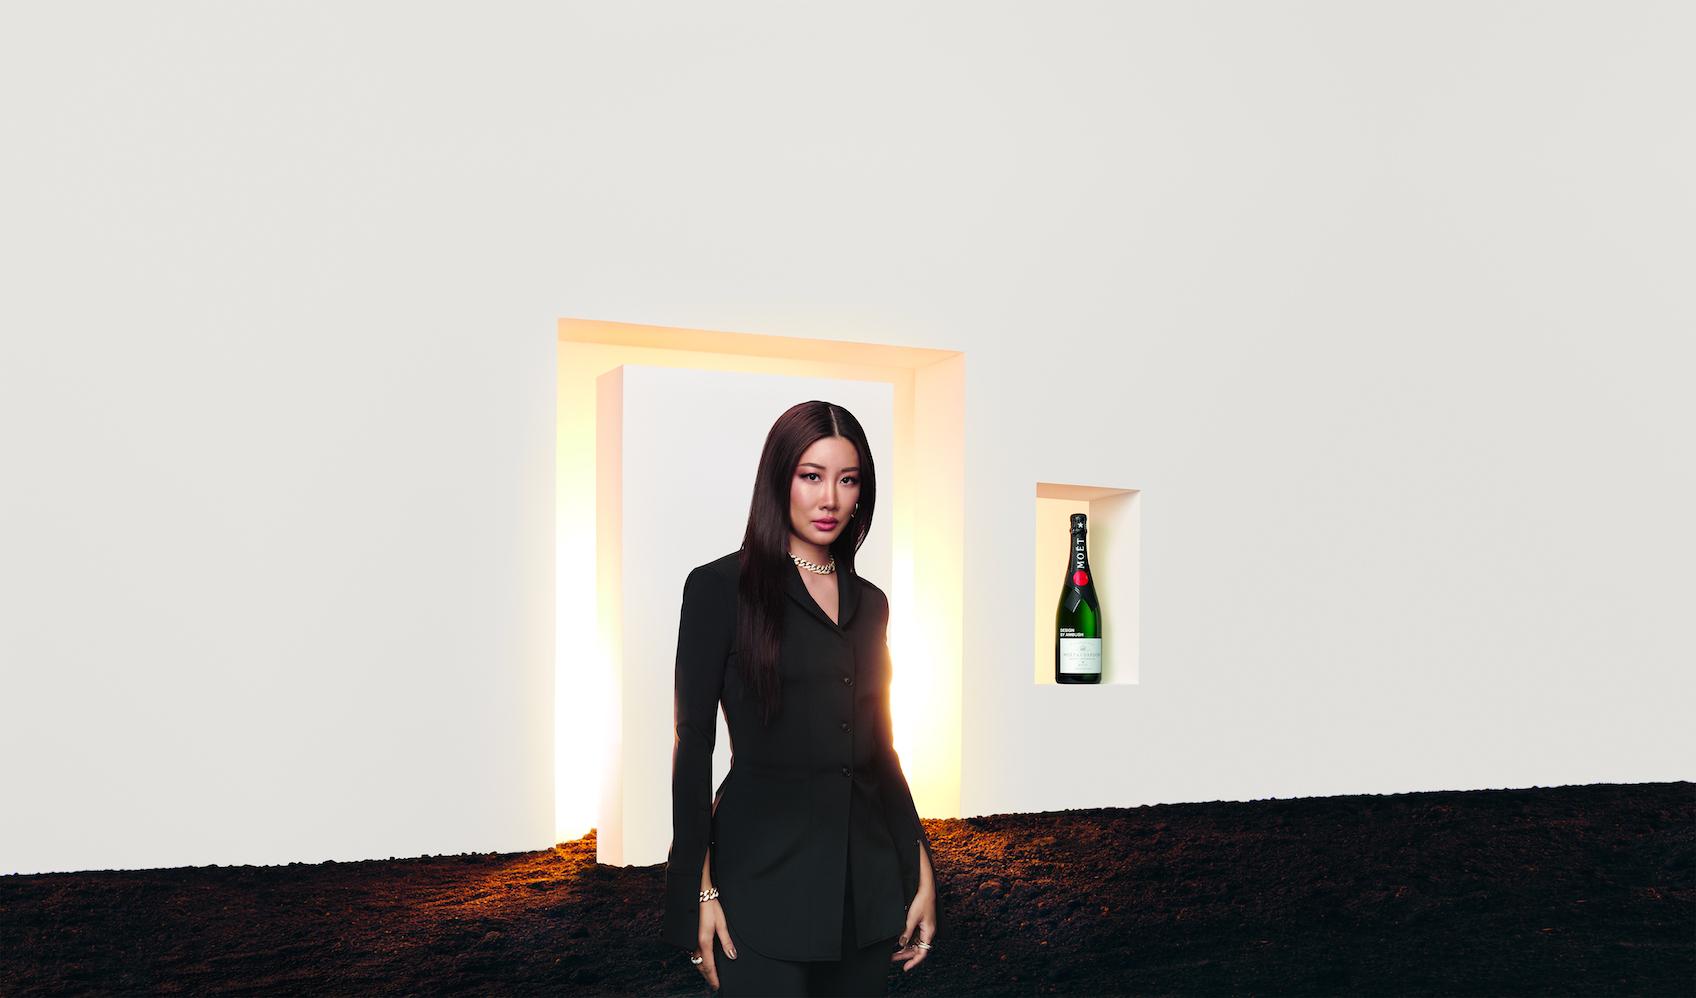 YOON、モエ・エ・シャンドンとコラボボトル発売